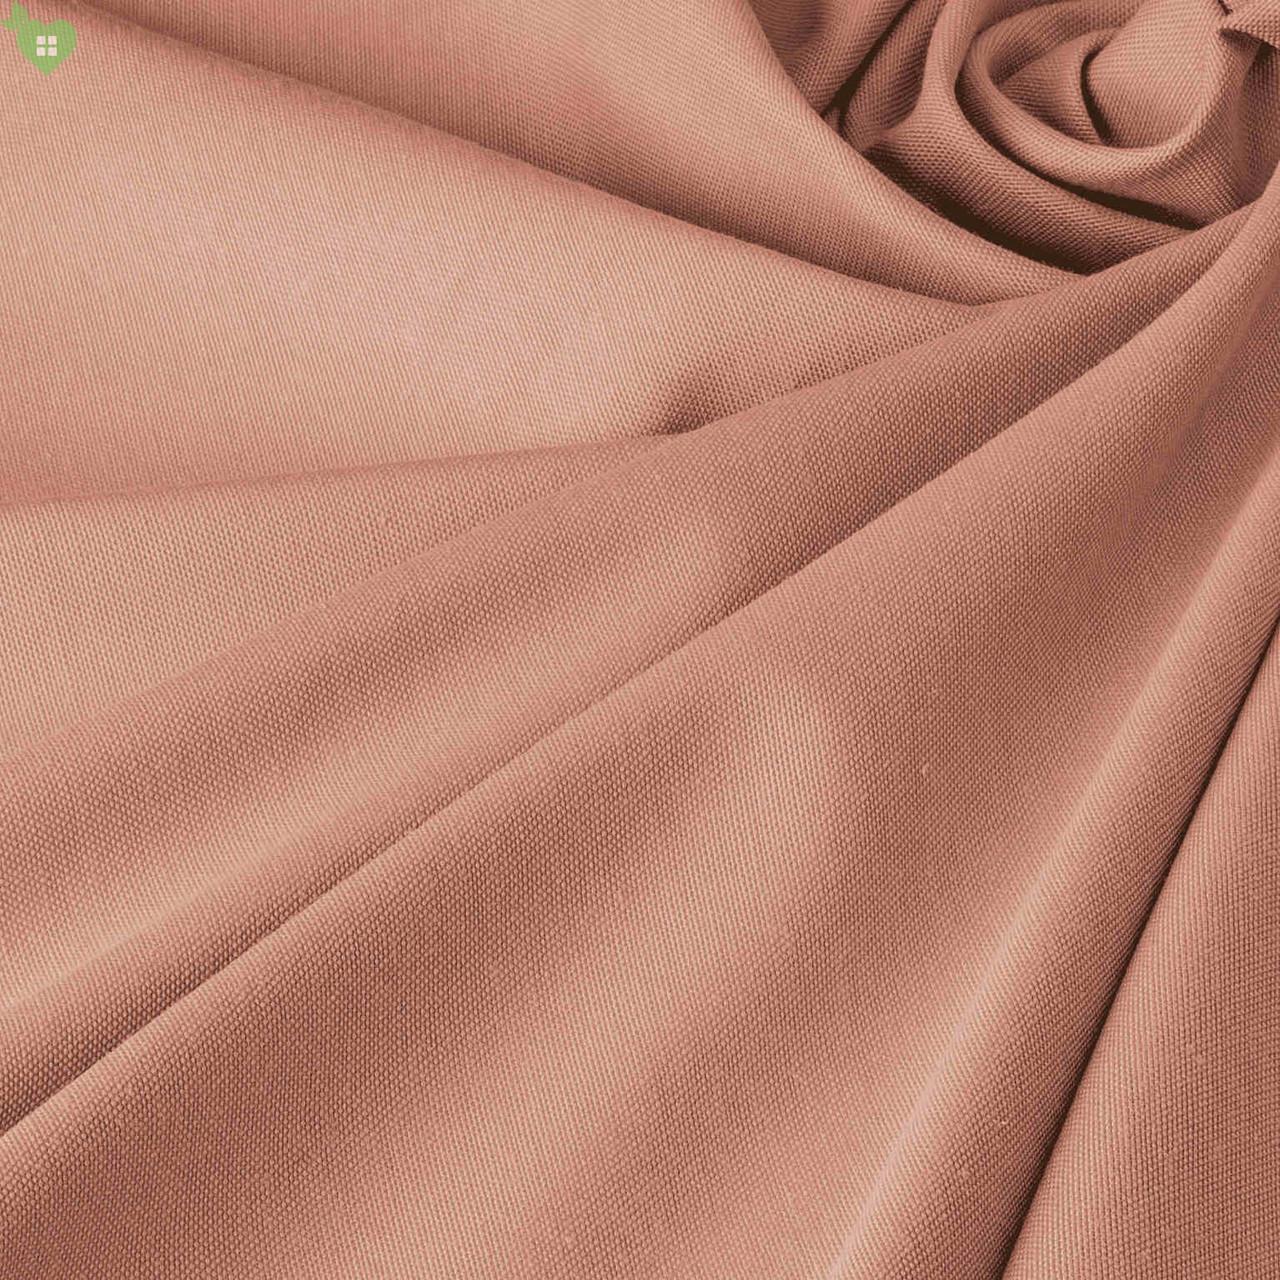 Однотонная декоративная ткань кремово-розового цвета Турция DRK-82554